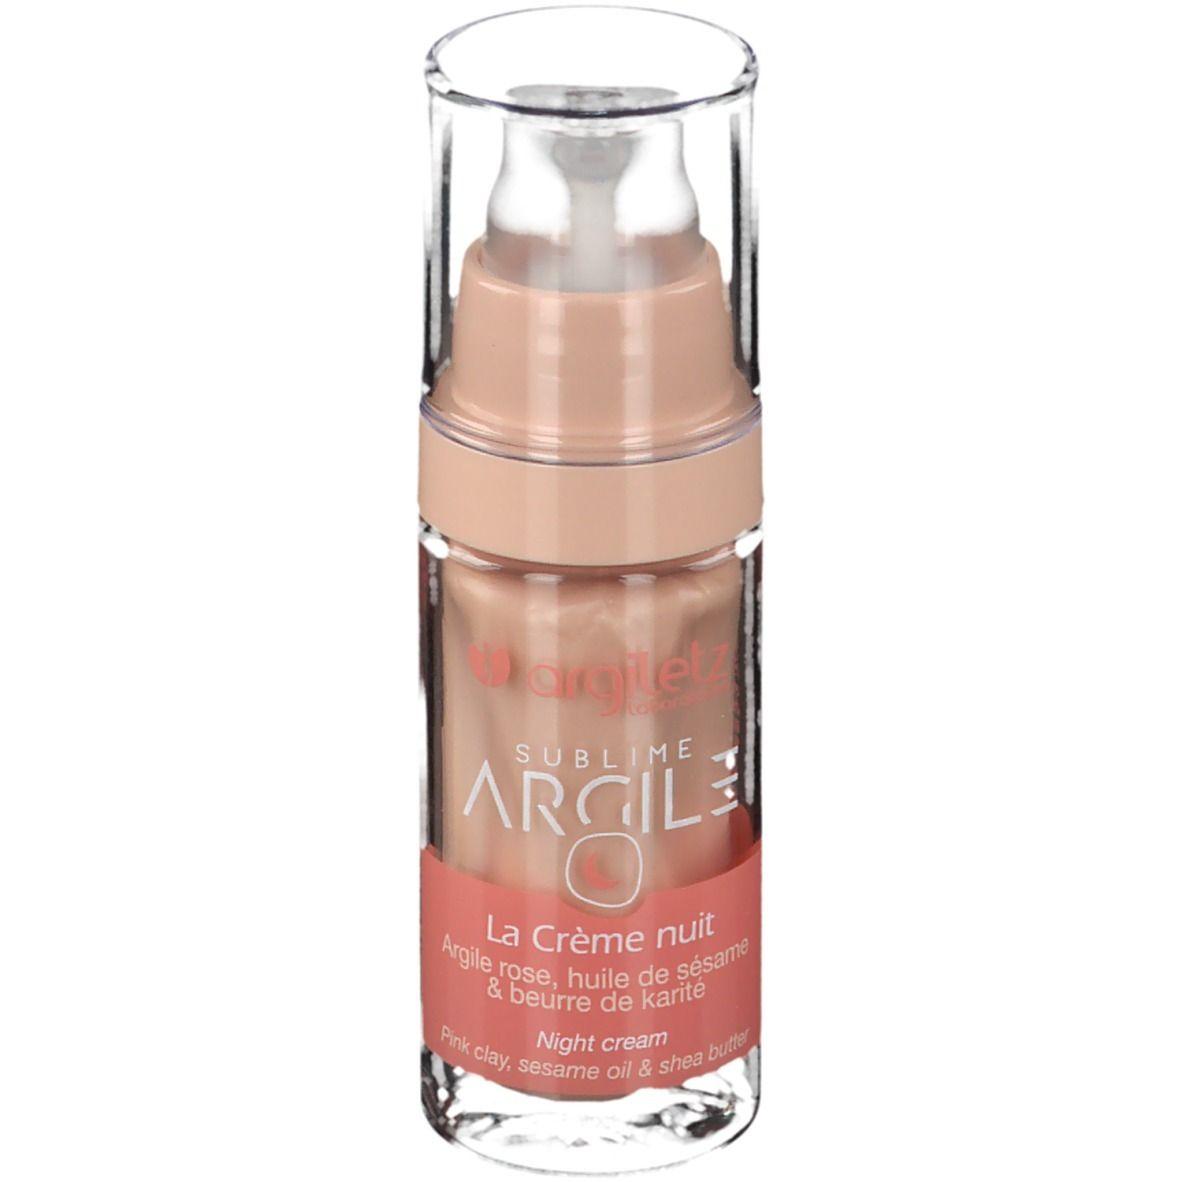 Argiletz La Crème nuit Argile rose, huile de sésame & au beurre de karité ml crème de nuit